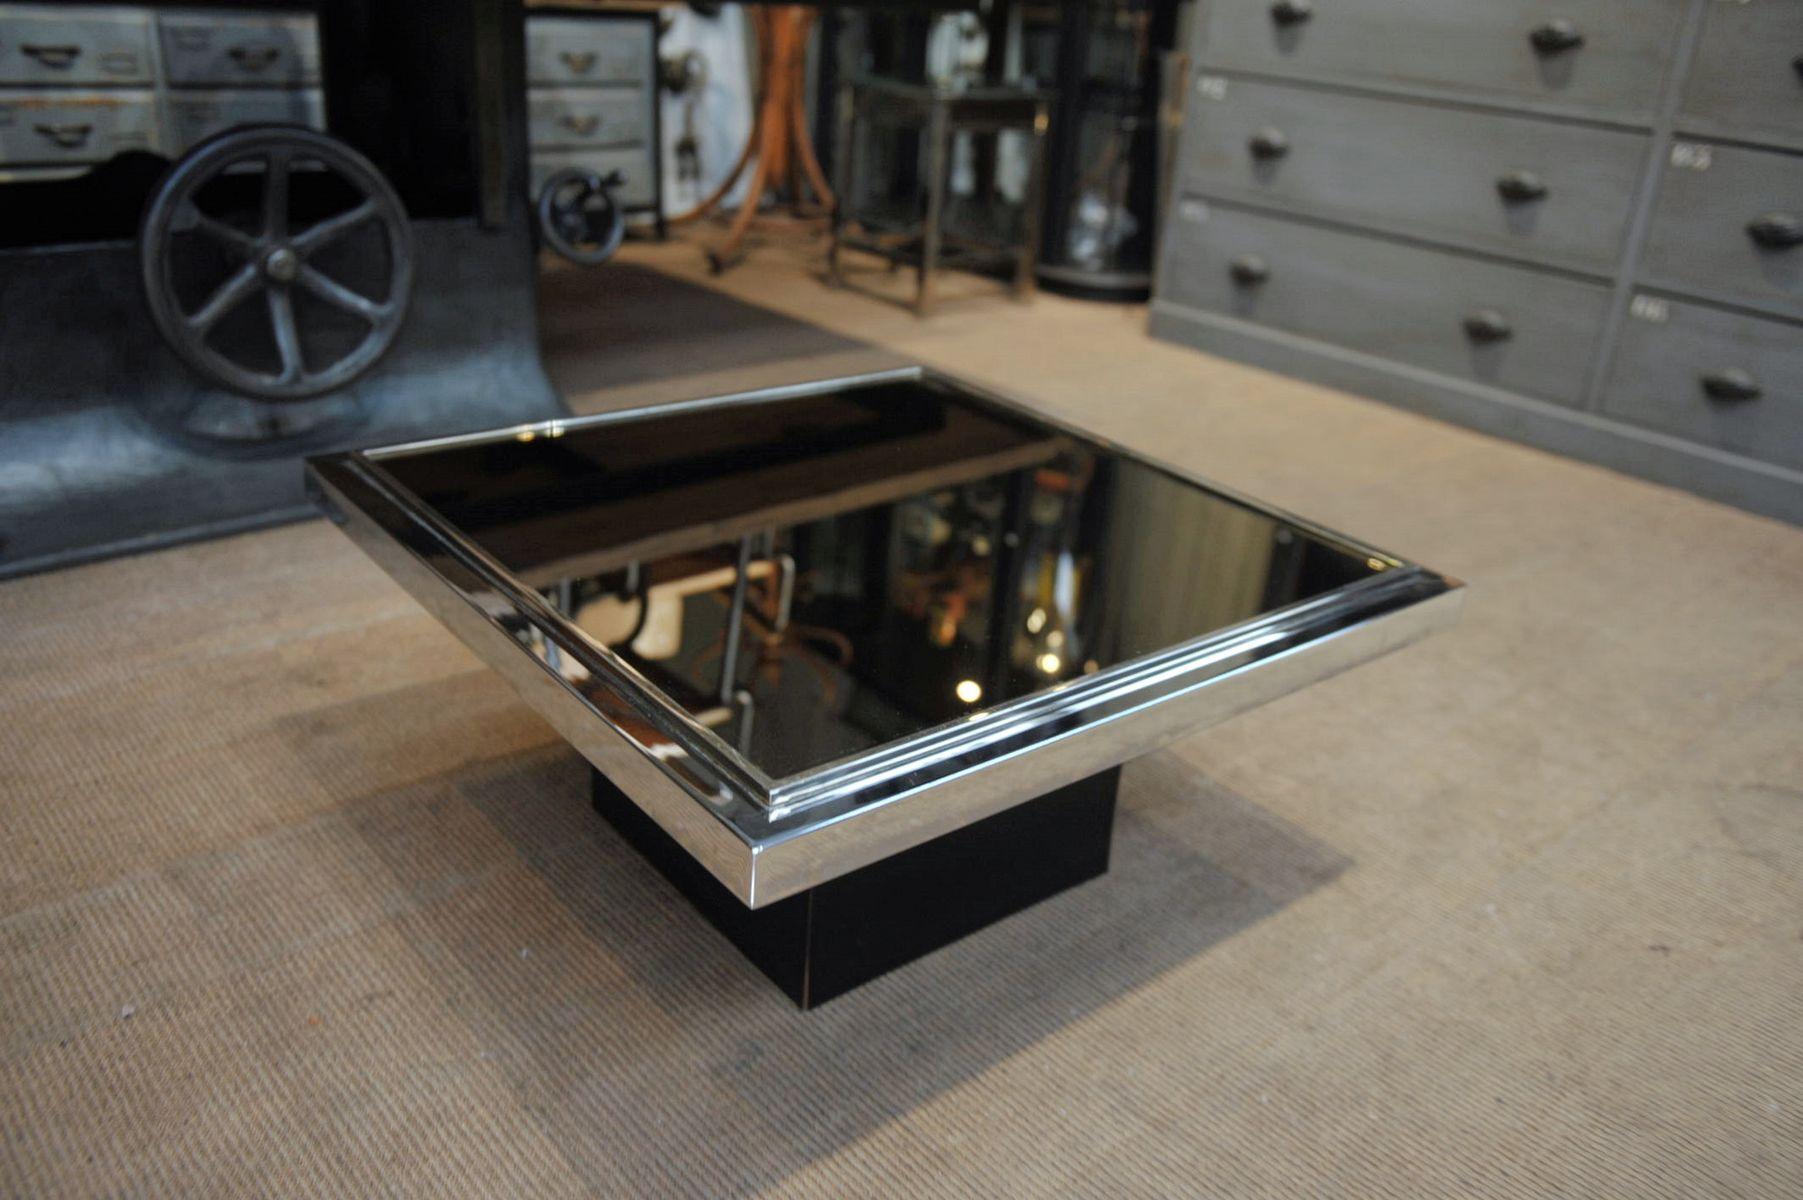 Couchtisch aus verchromtem metall glas holz 1970er bei for Couchtisch metall glas